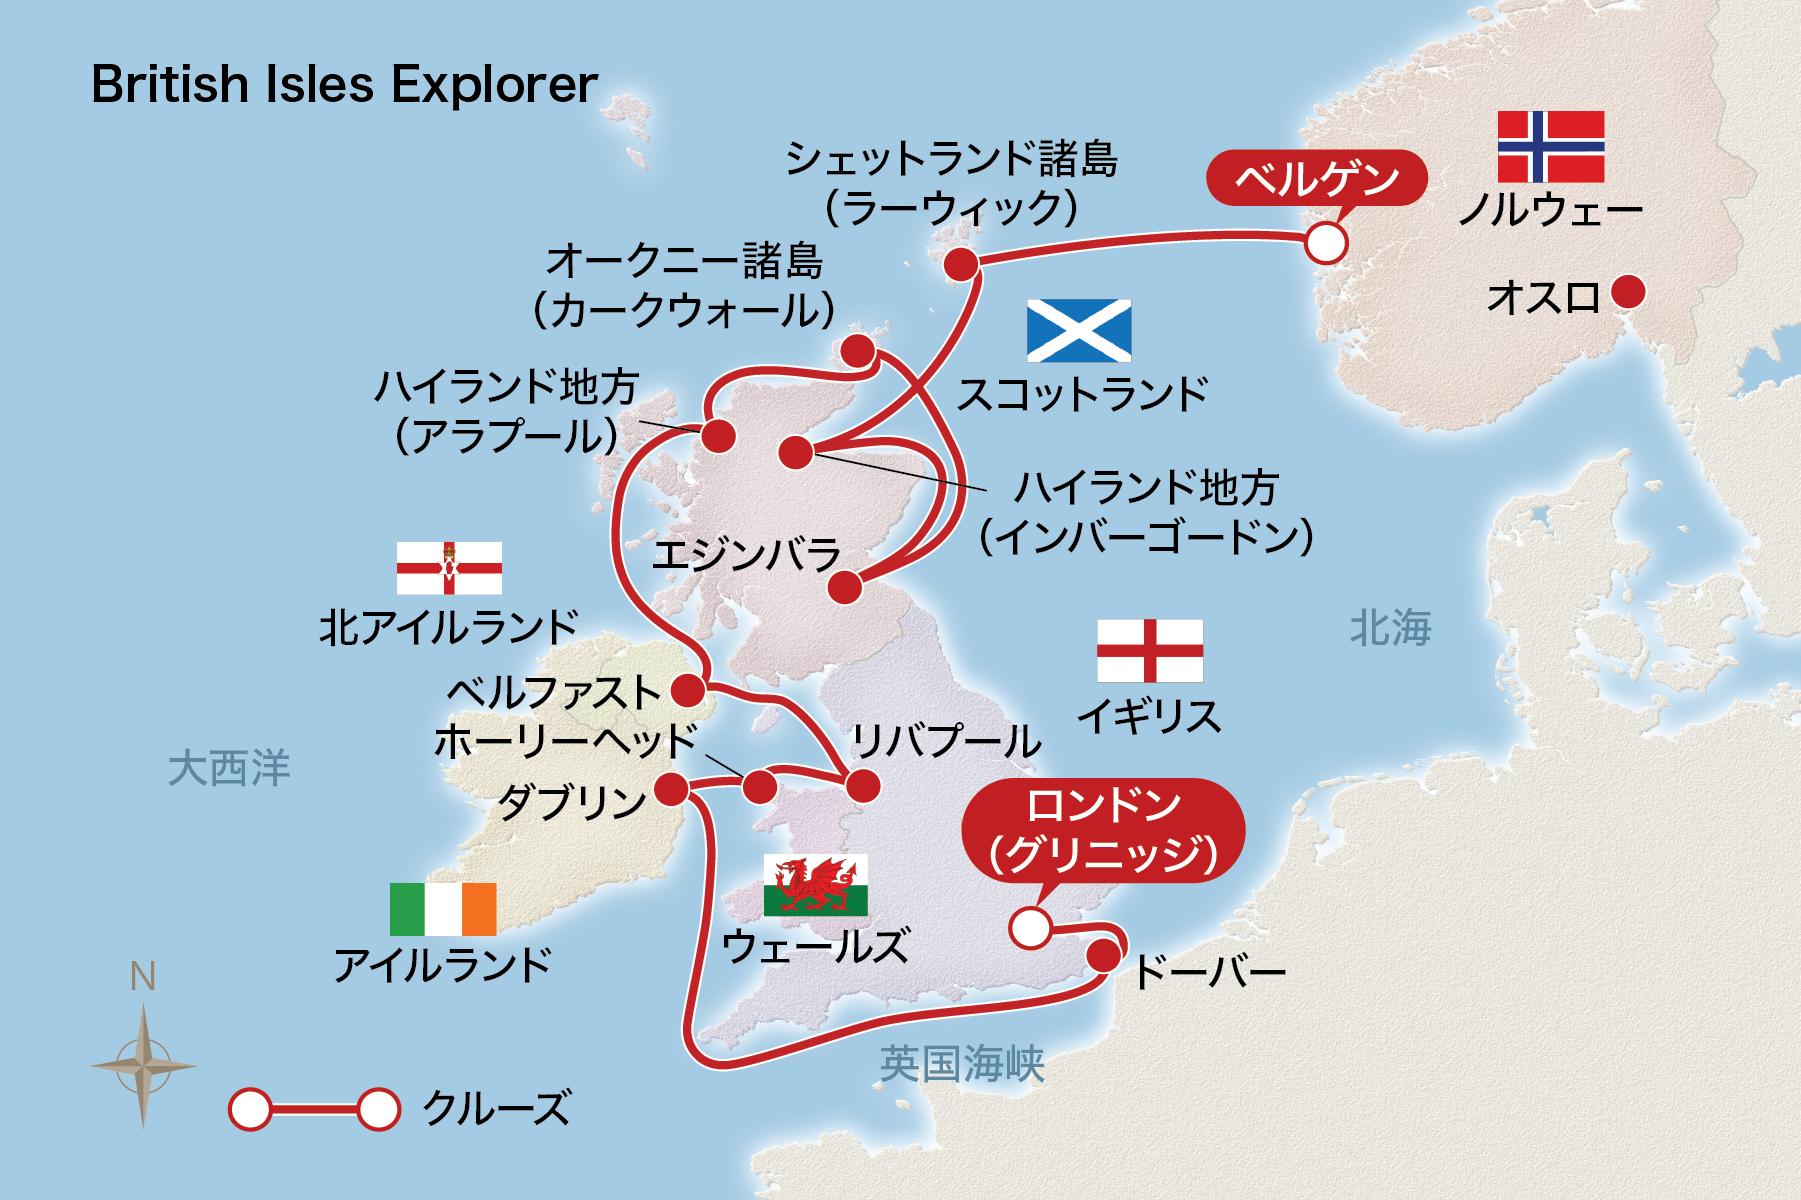 ブリテン諸島探訪 -British Isles Explorer- – オーシャンドリーム